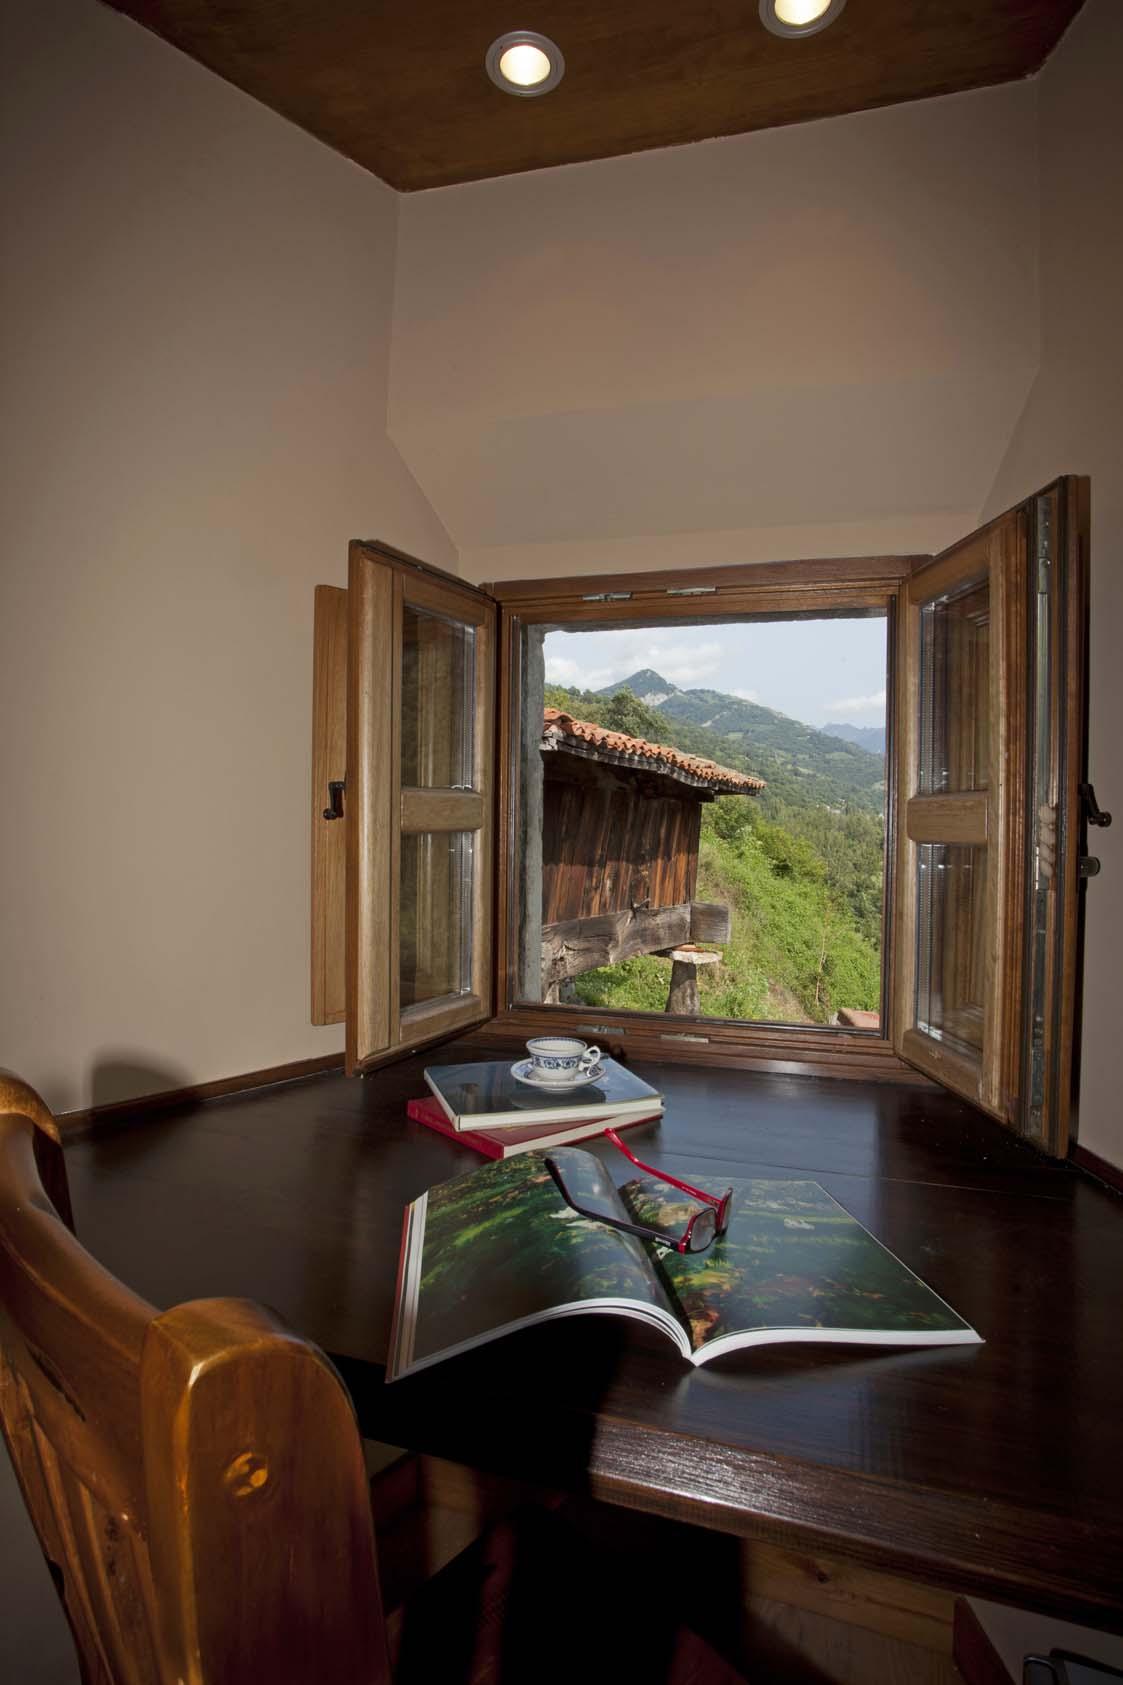 Vistas al hórreo y paisaje desde dormitorio con galería La Casona de Riomera.